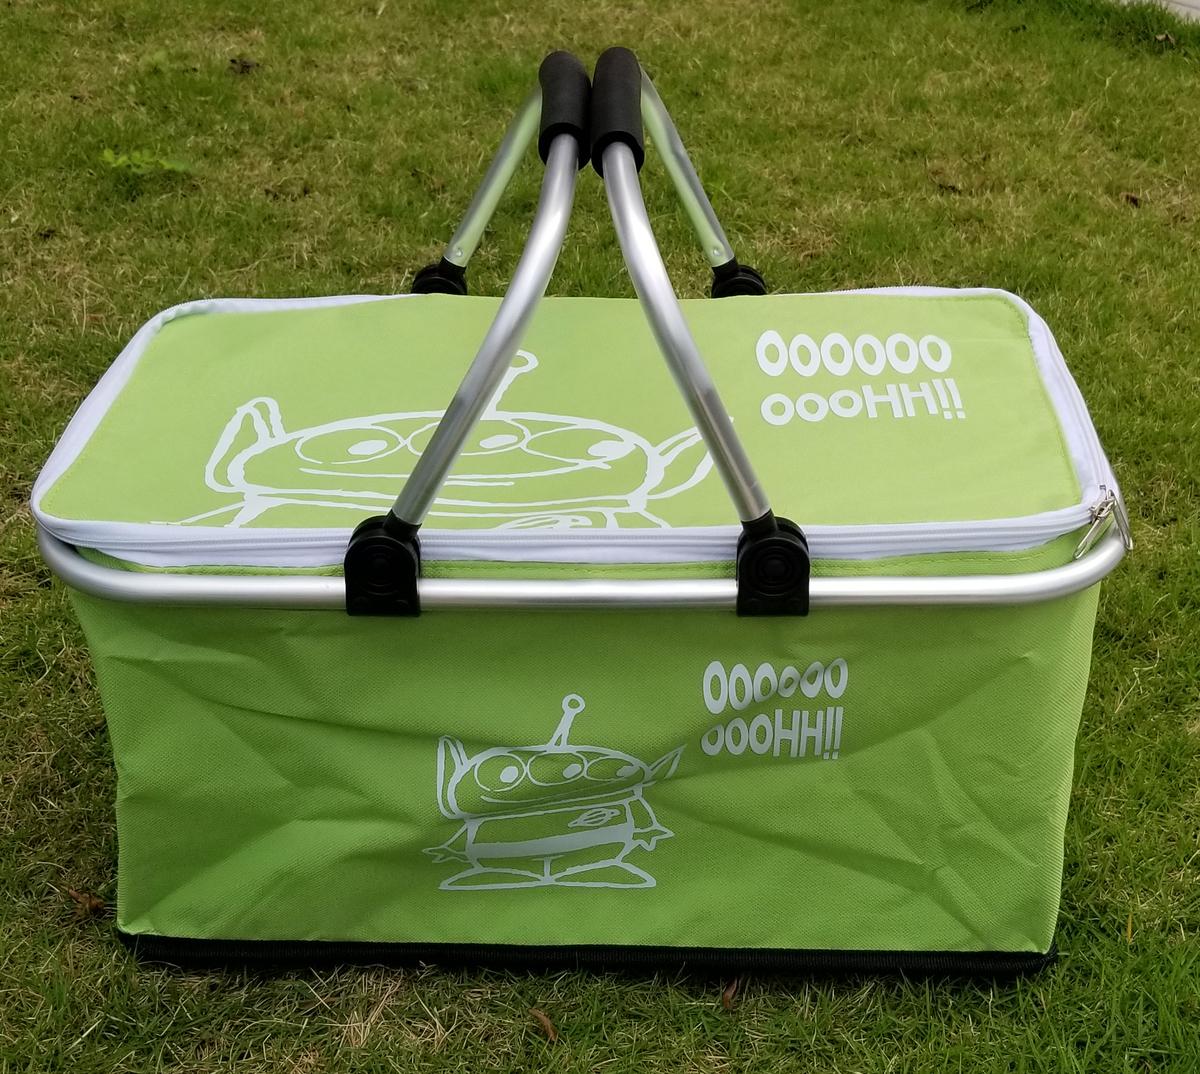 廸士尼-保溫保冷野餐籃-綠色(三眼仔) (迪士尼許可產品)